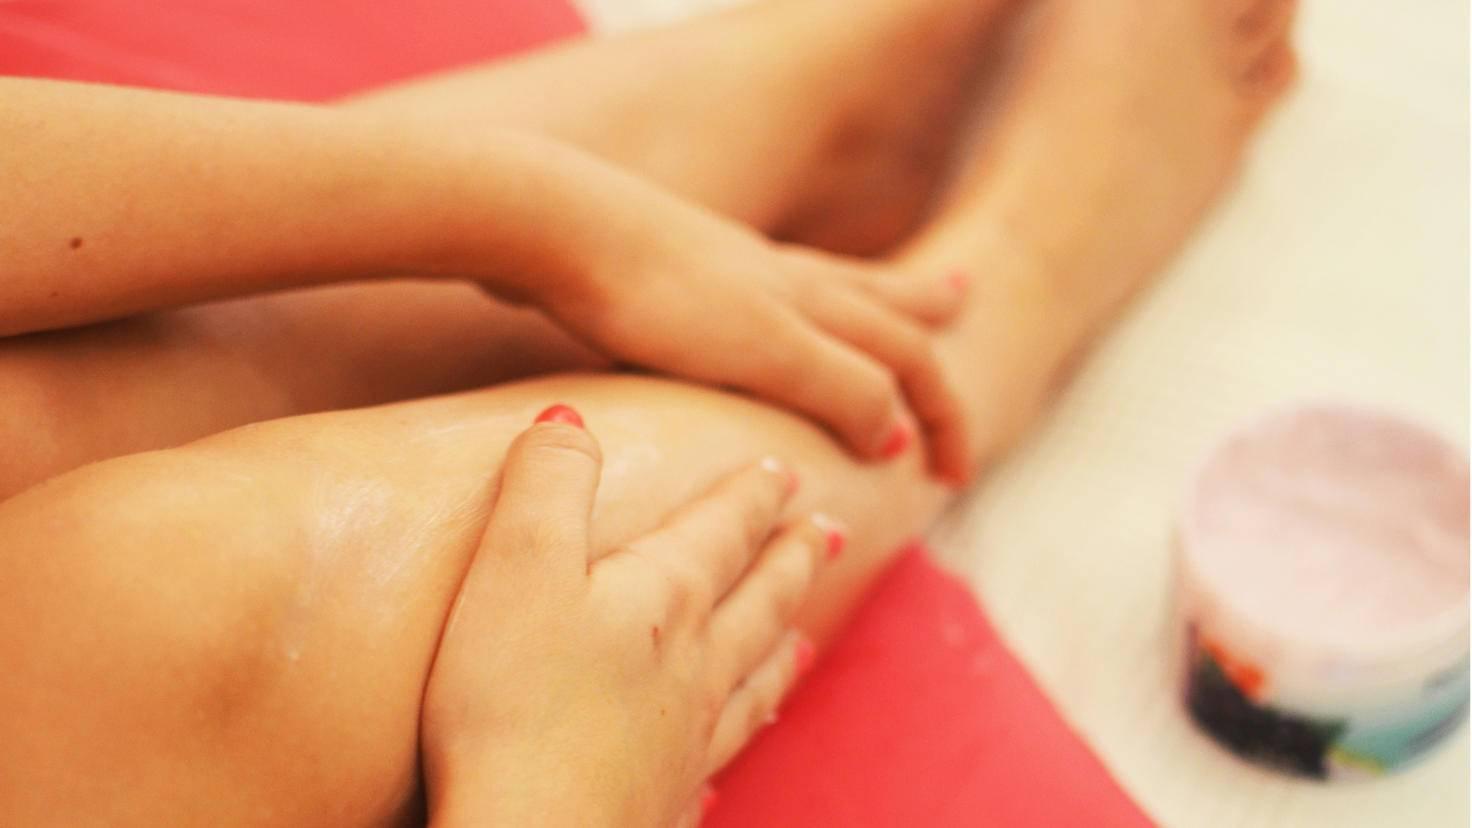 Salben und Cremes können zumindest kurzzeitig Linderung bringen.